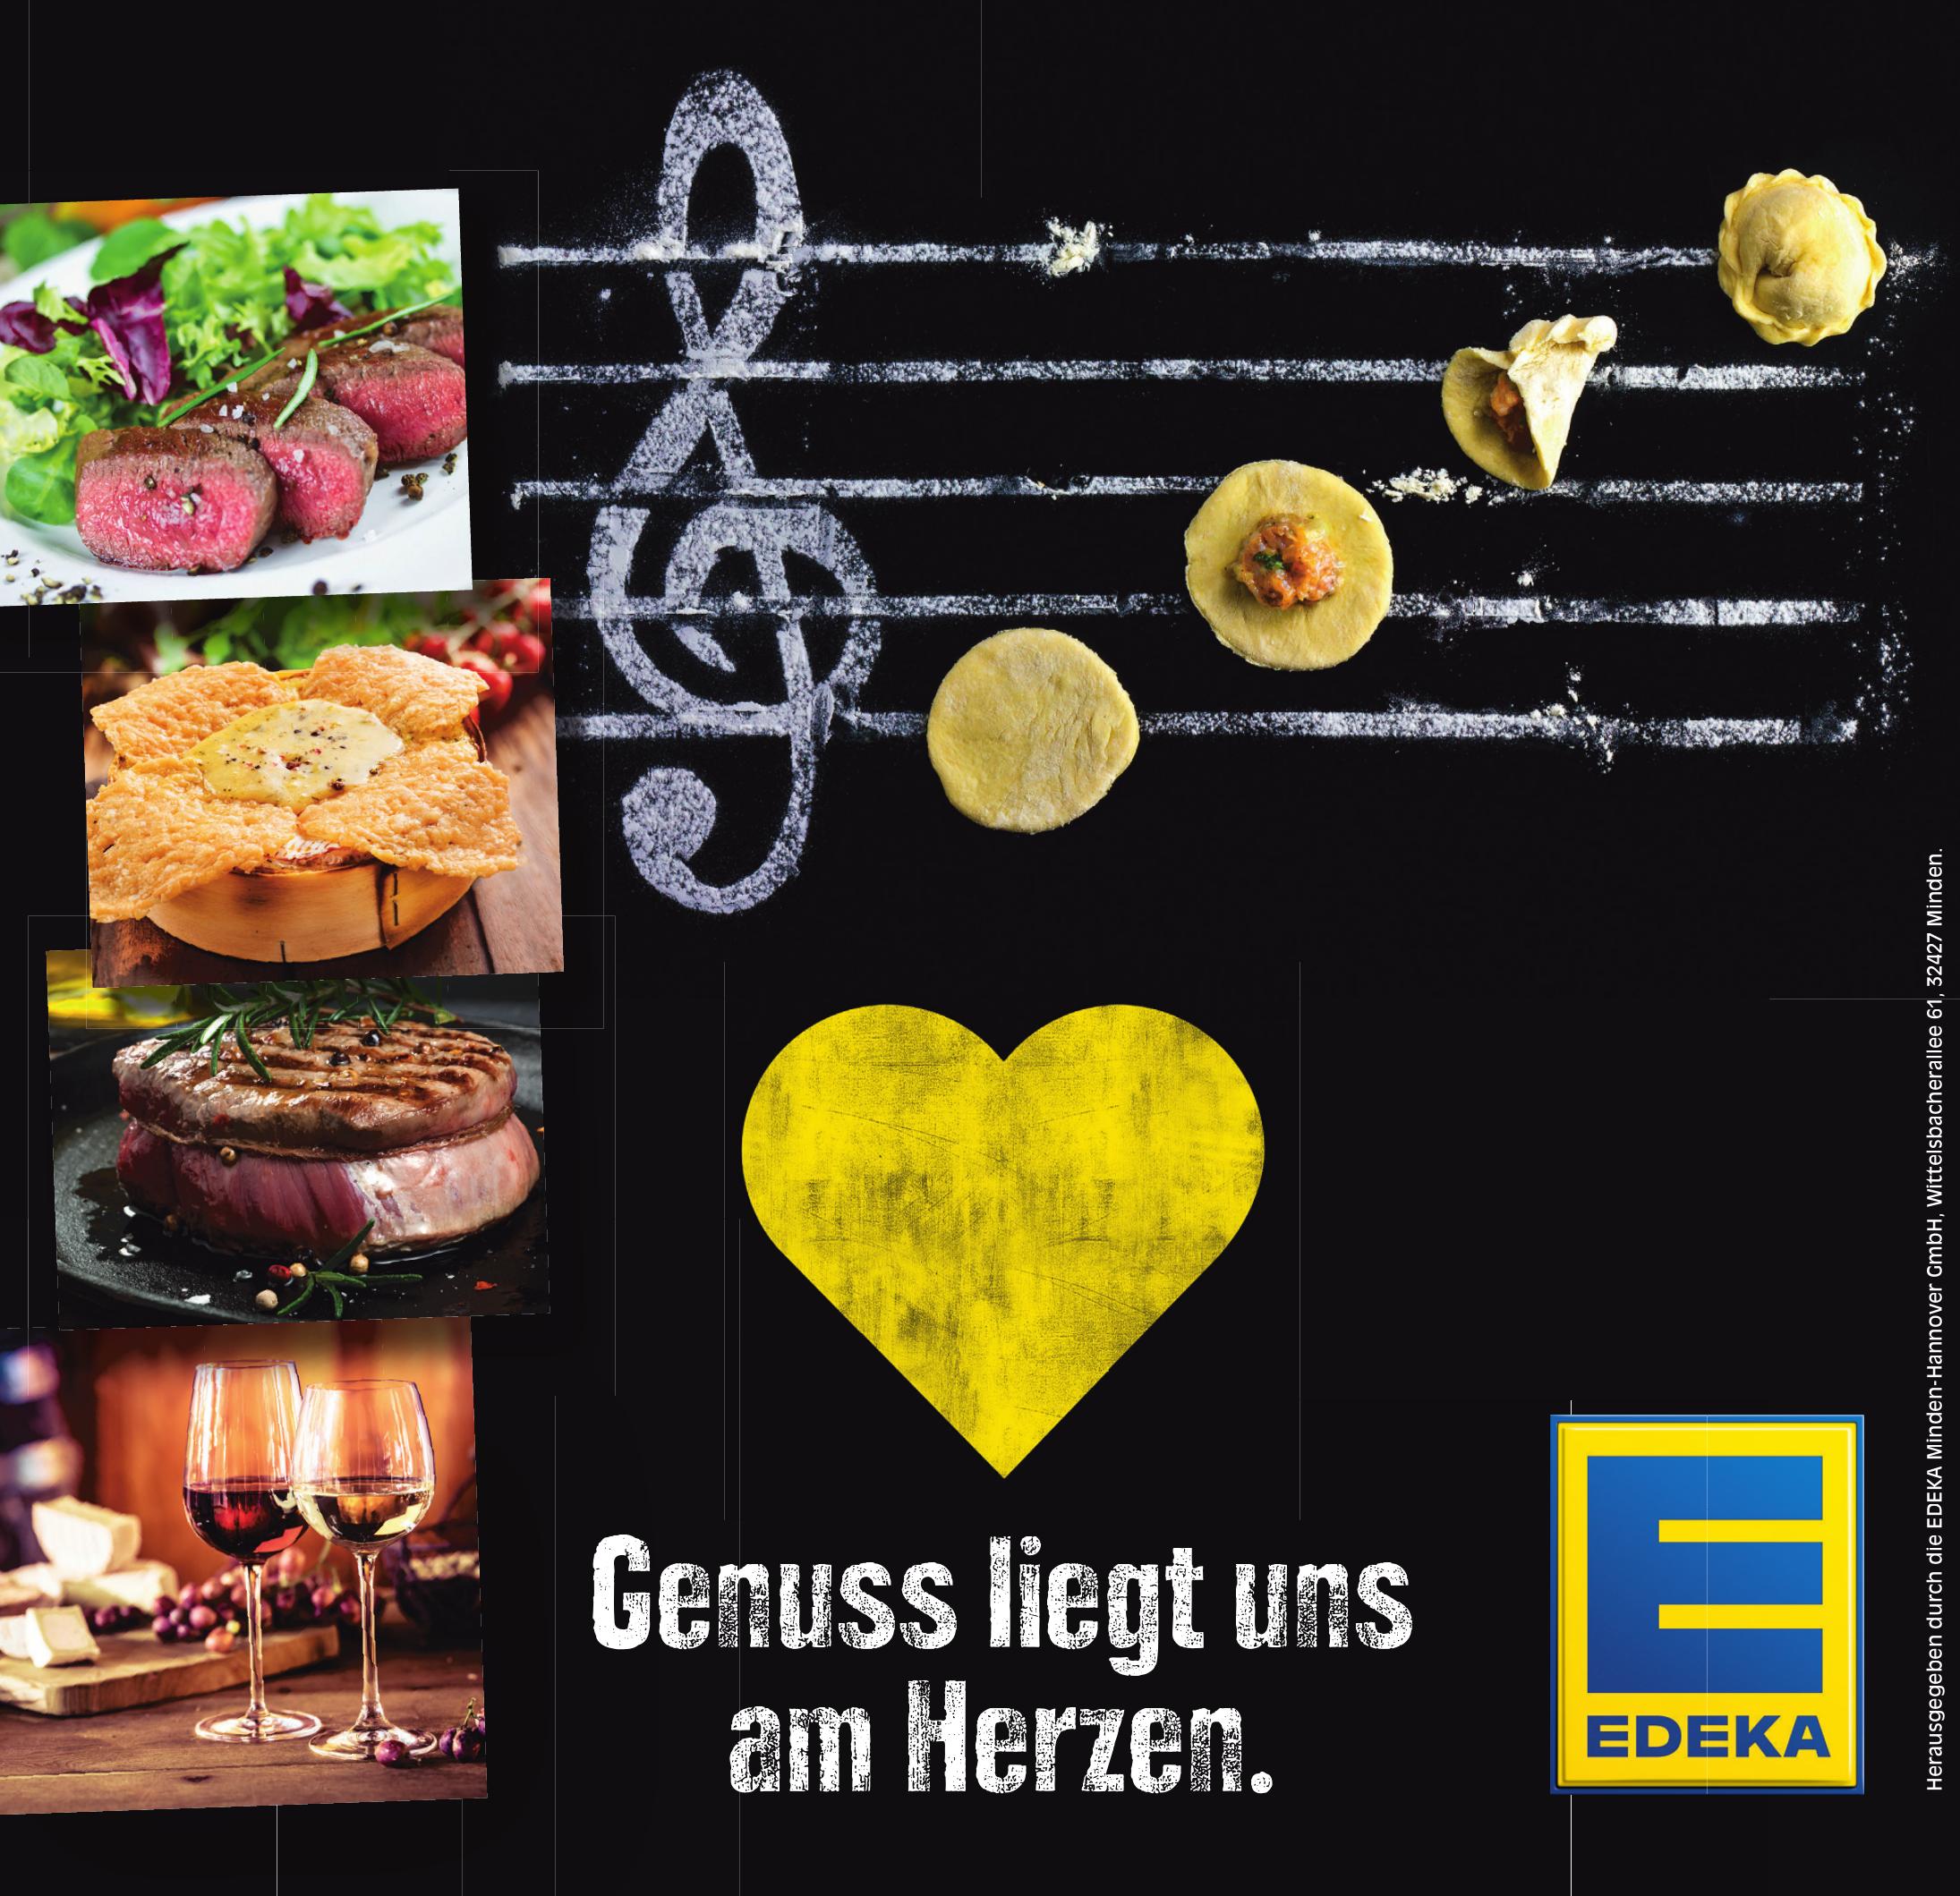 EDEKA Minden-Hannover GmbH